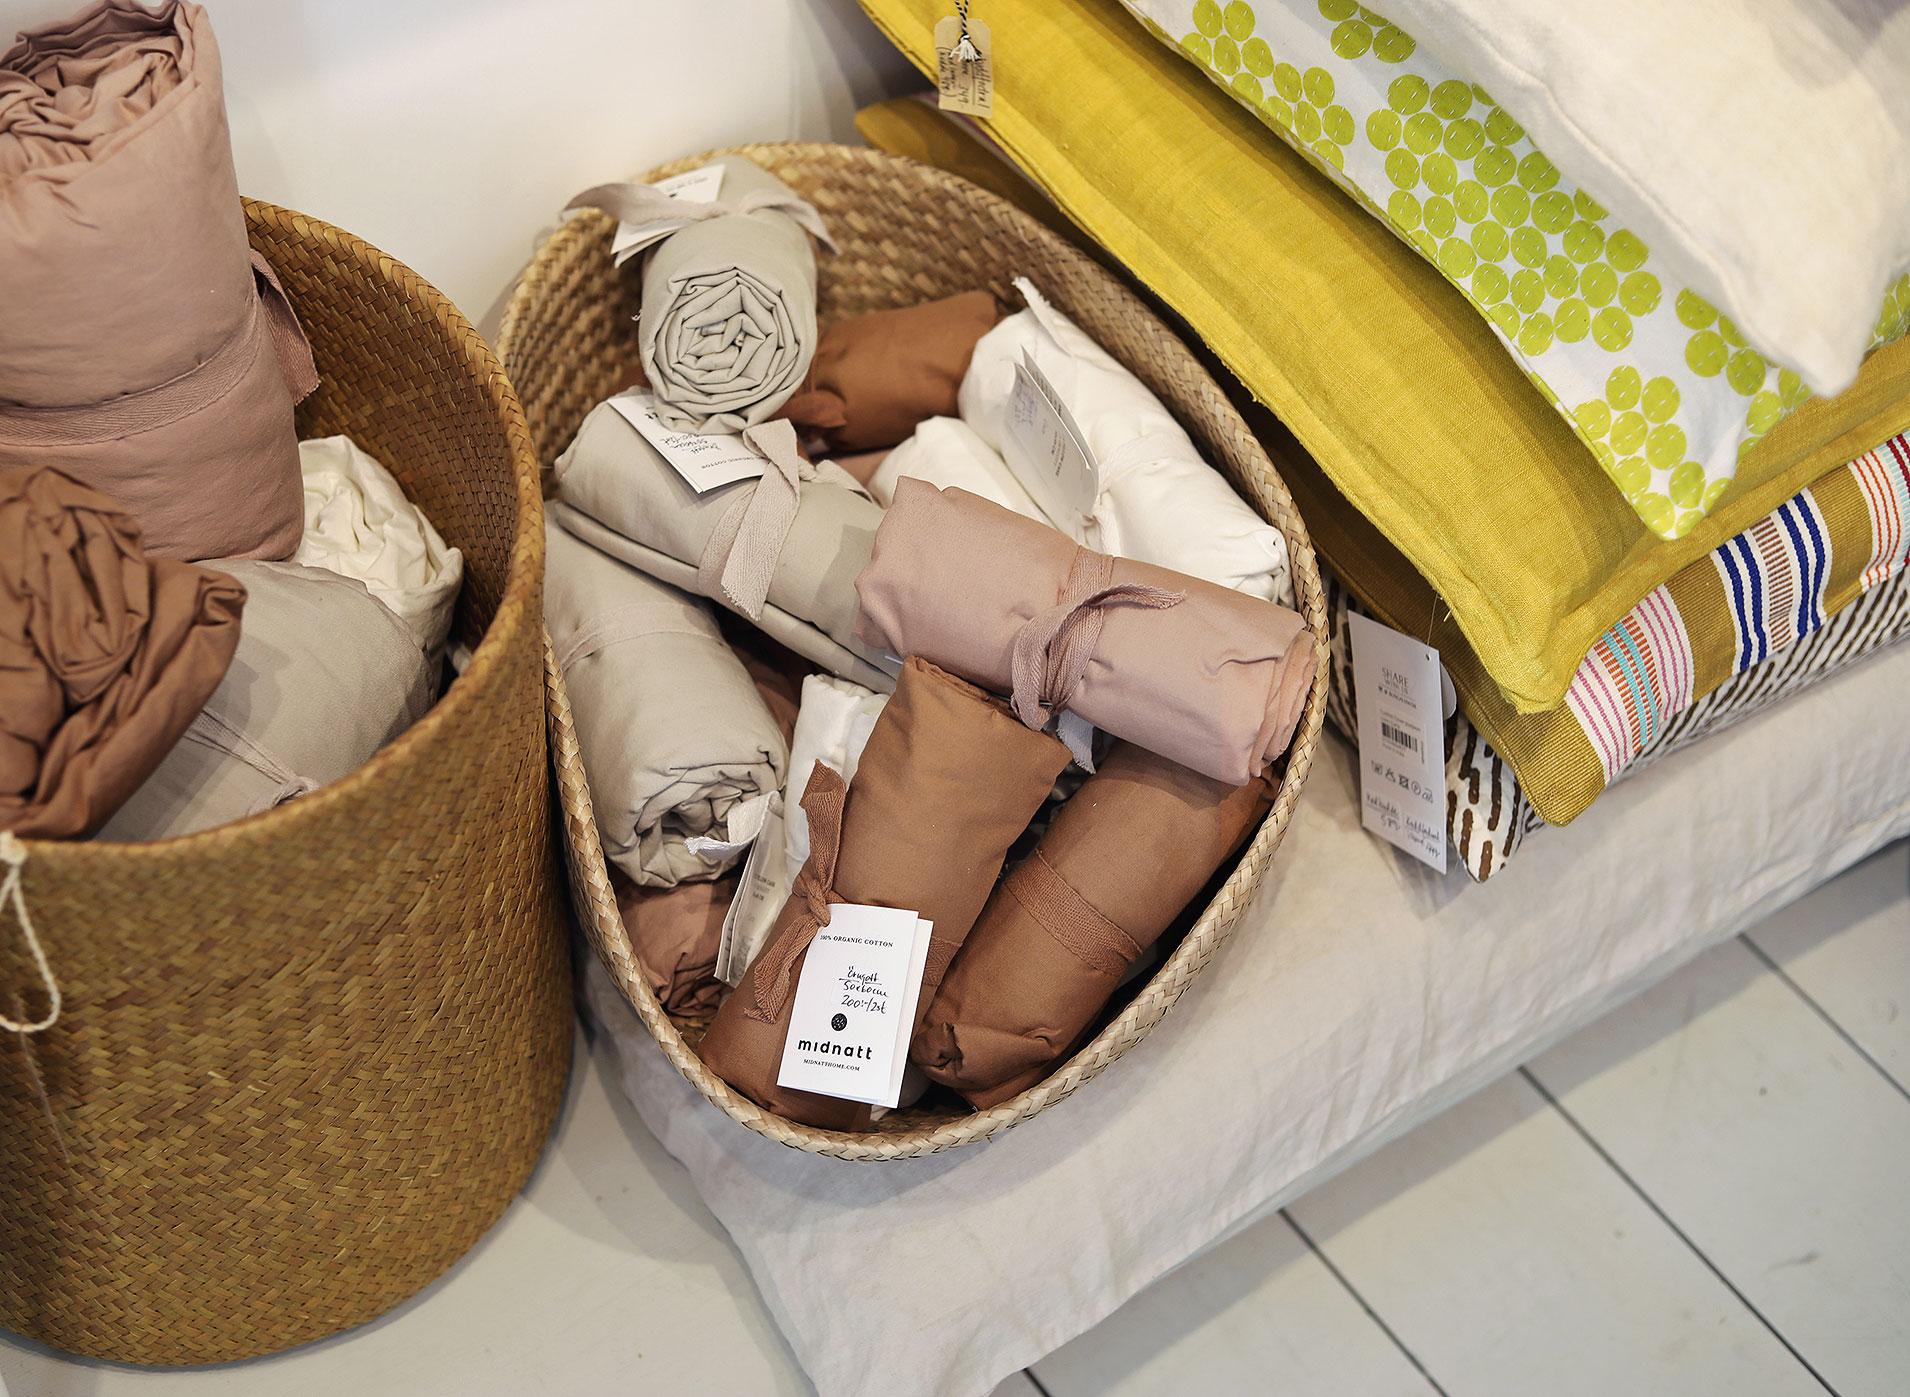 visby gotland akantus vintage inredning midnatt sängkläder